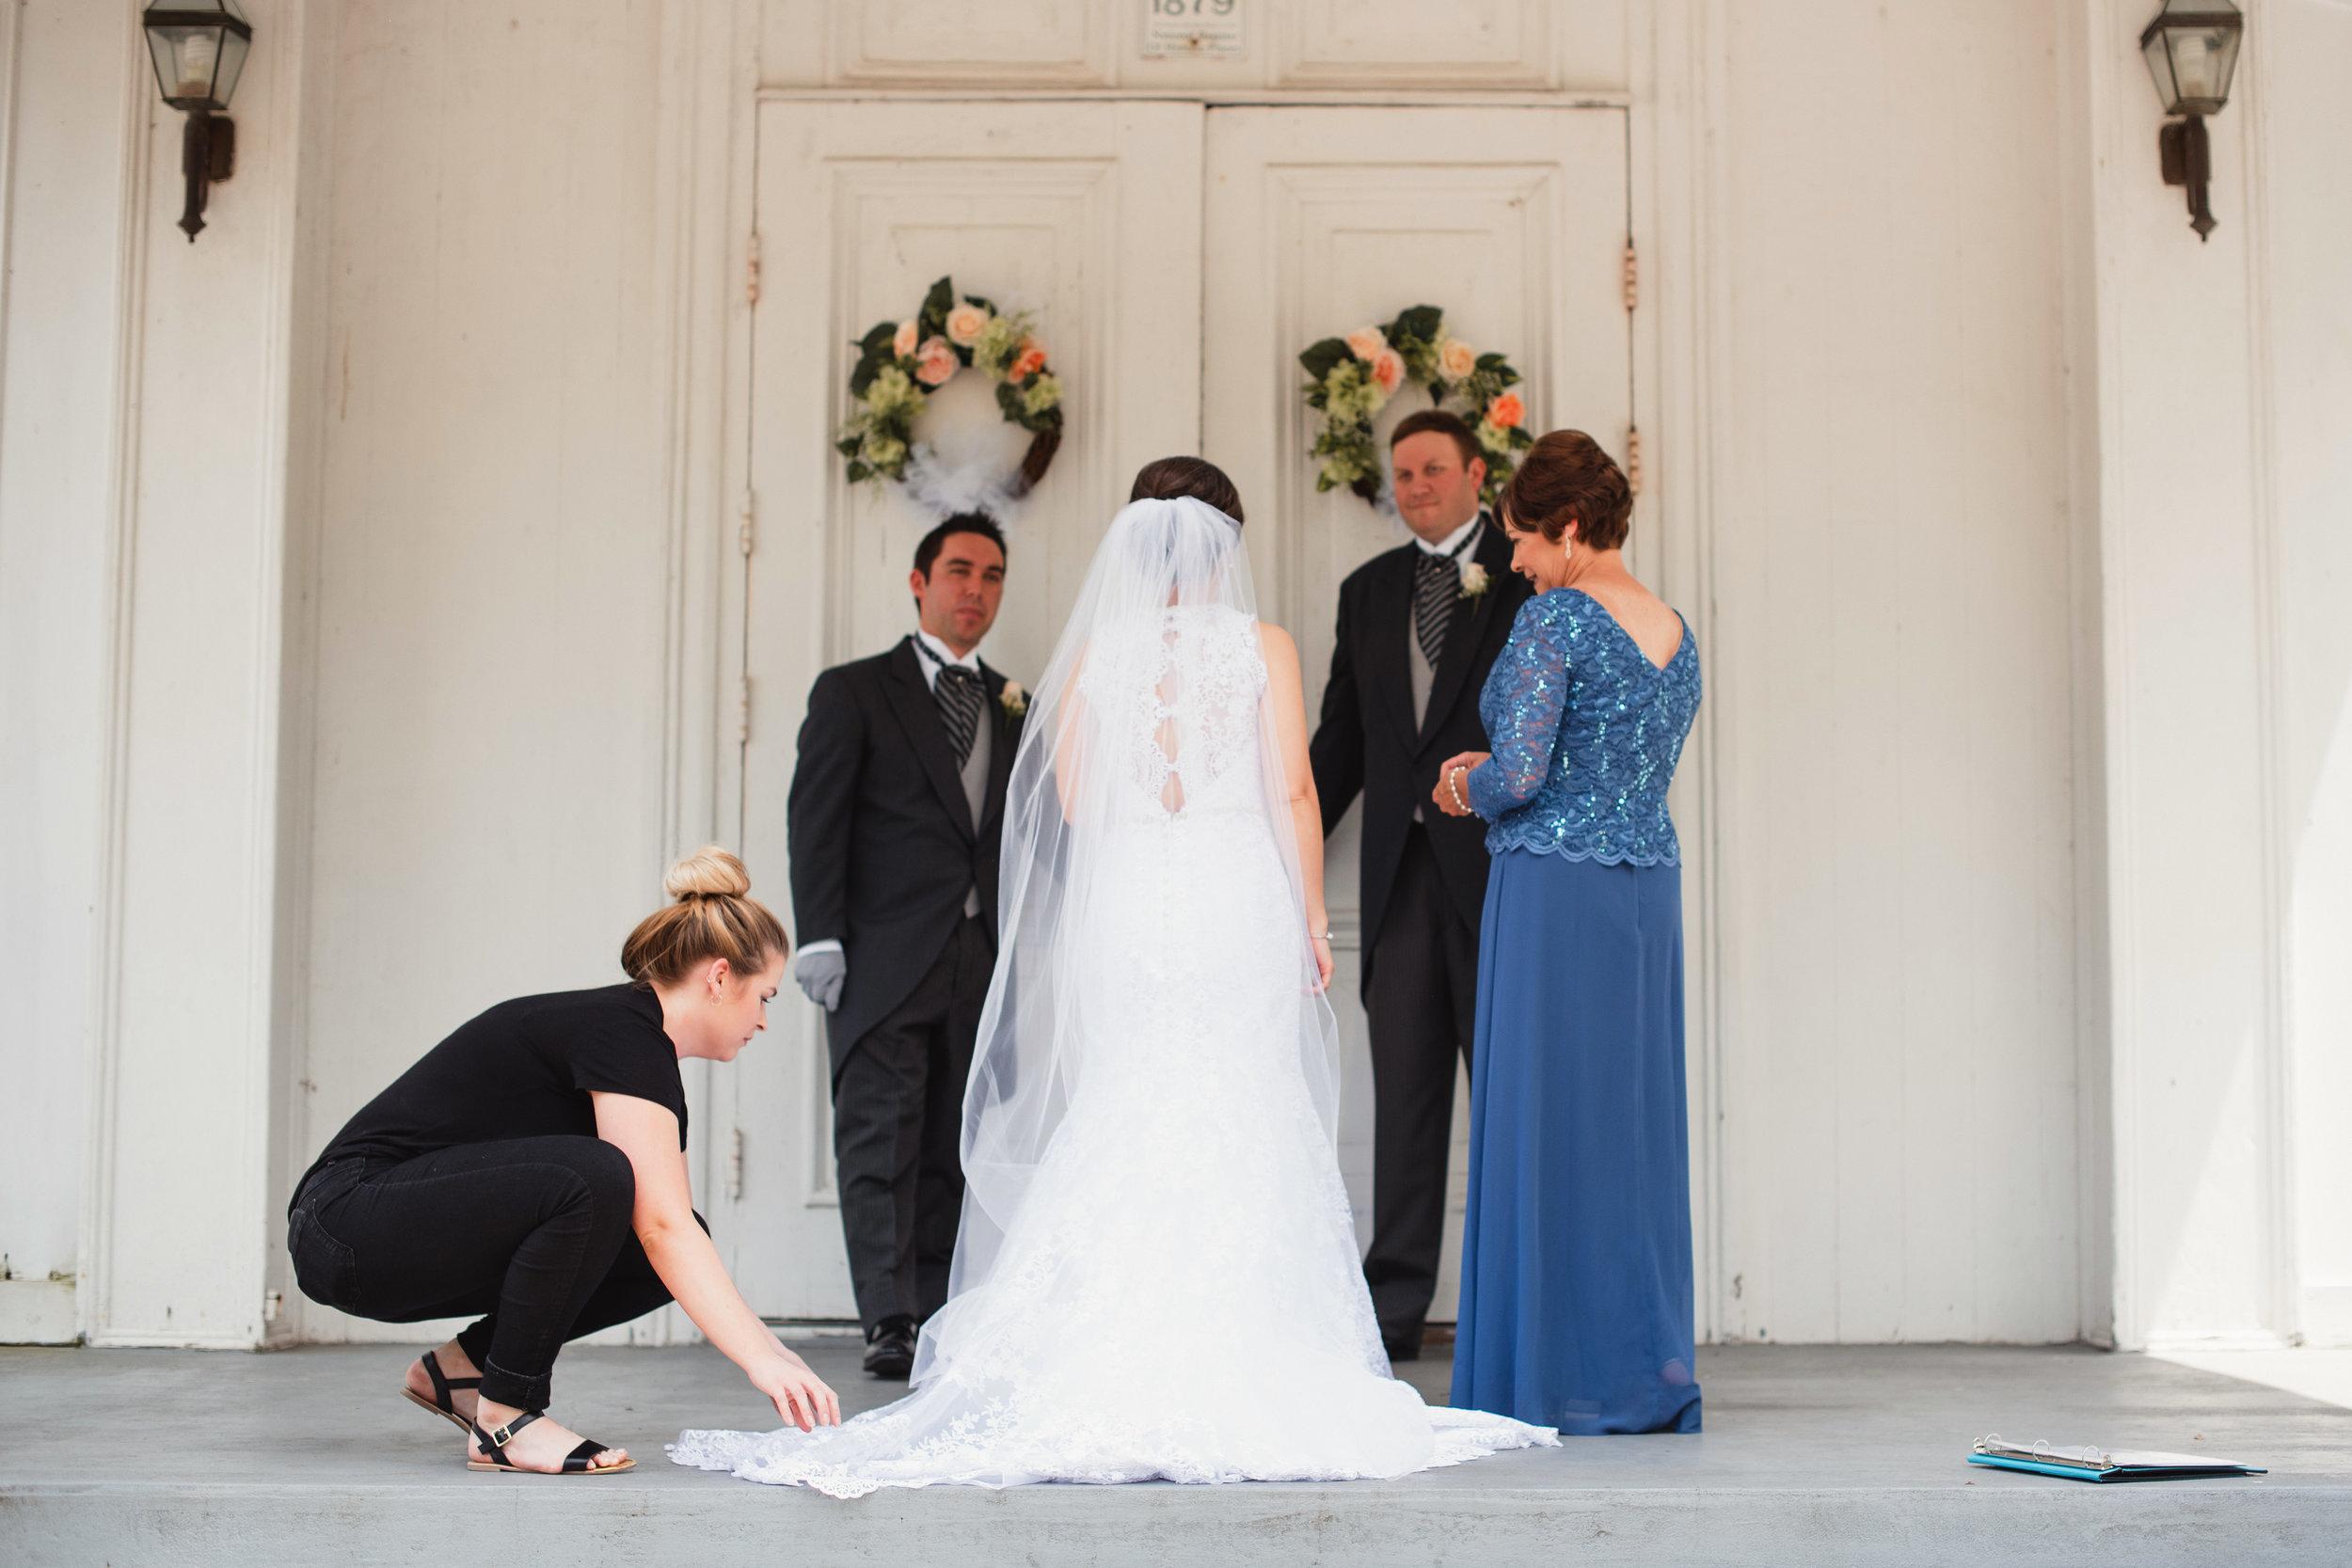 Ducote_Naccari_wedding_0319.jpg